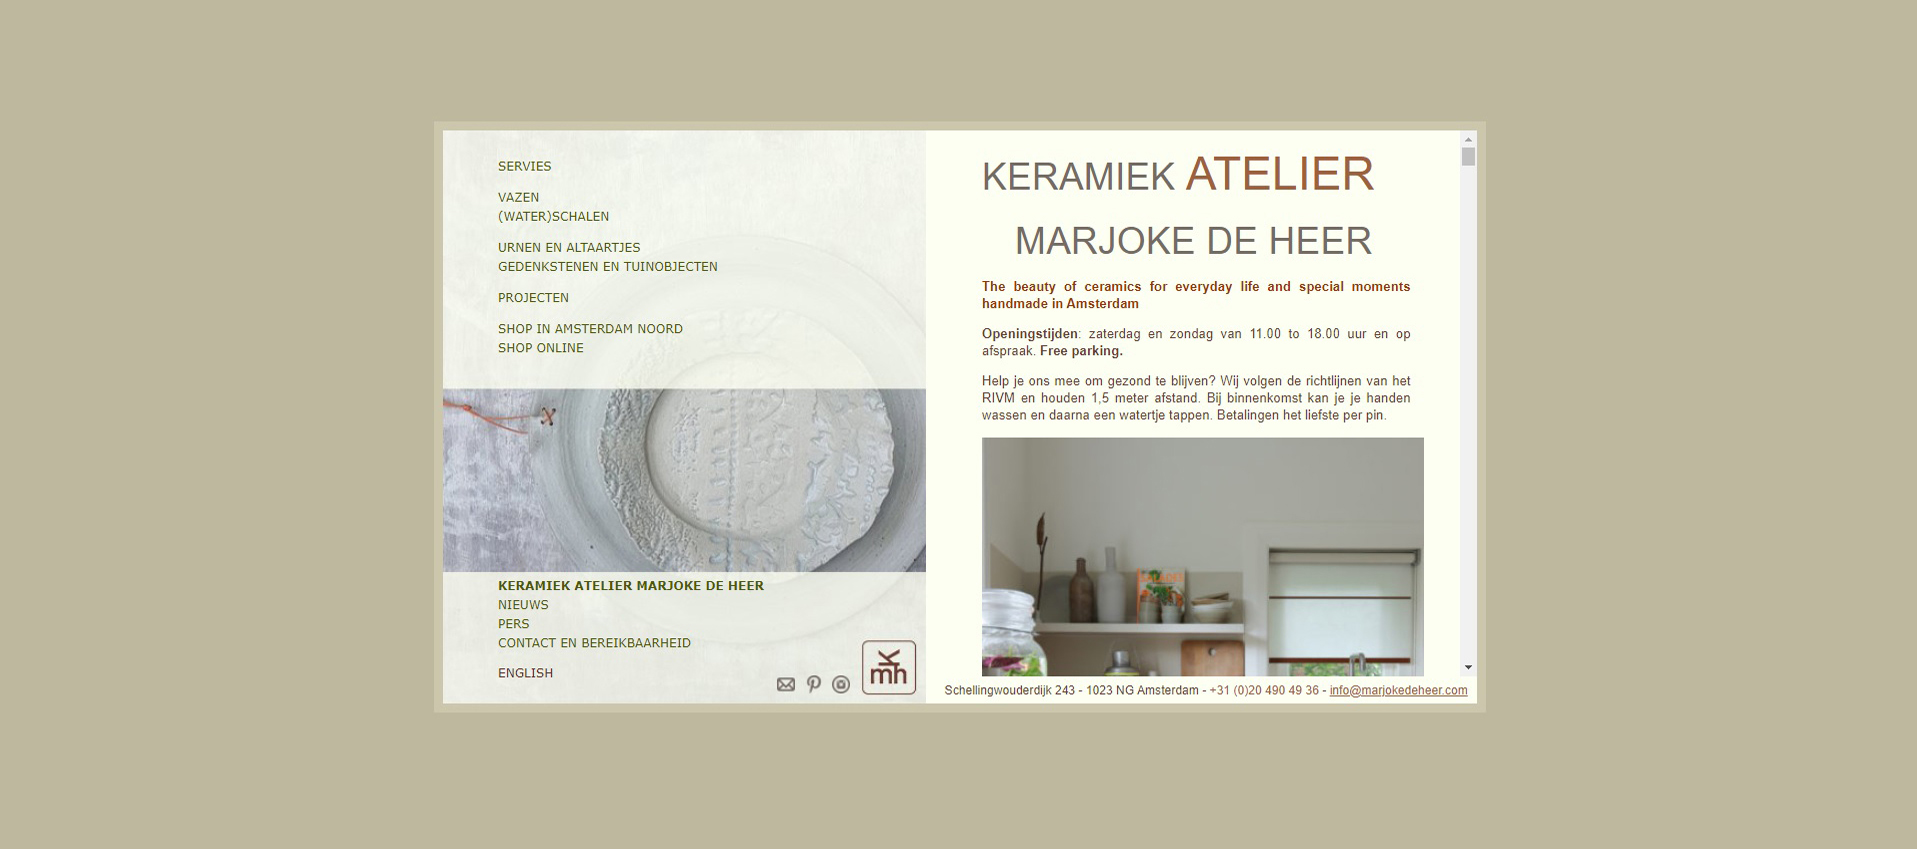 Nieuwe website - Marjoke de Heer Keramiek Atelier